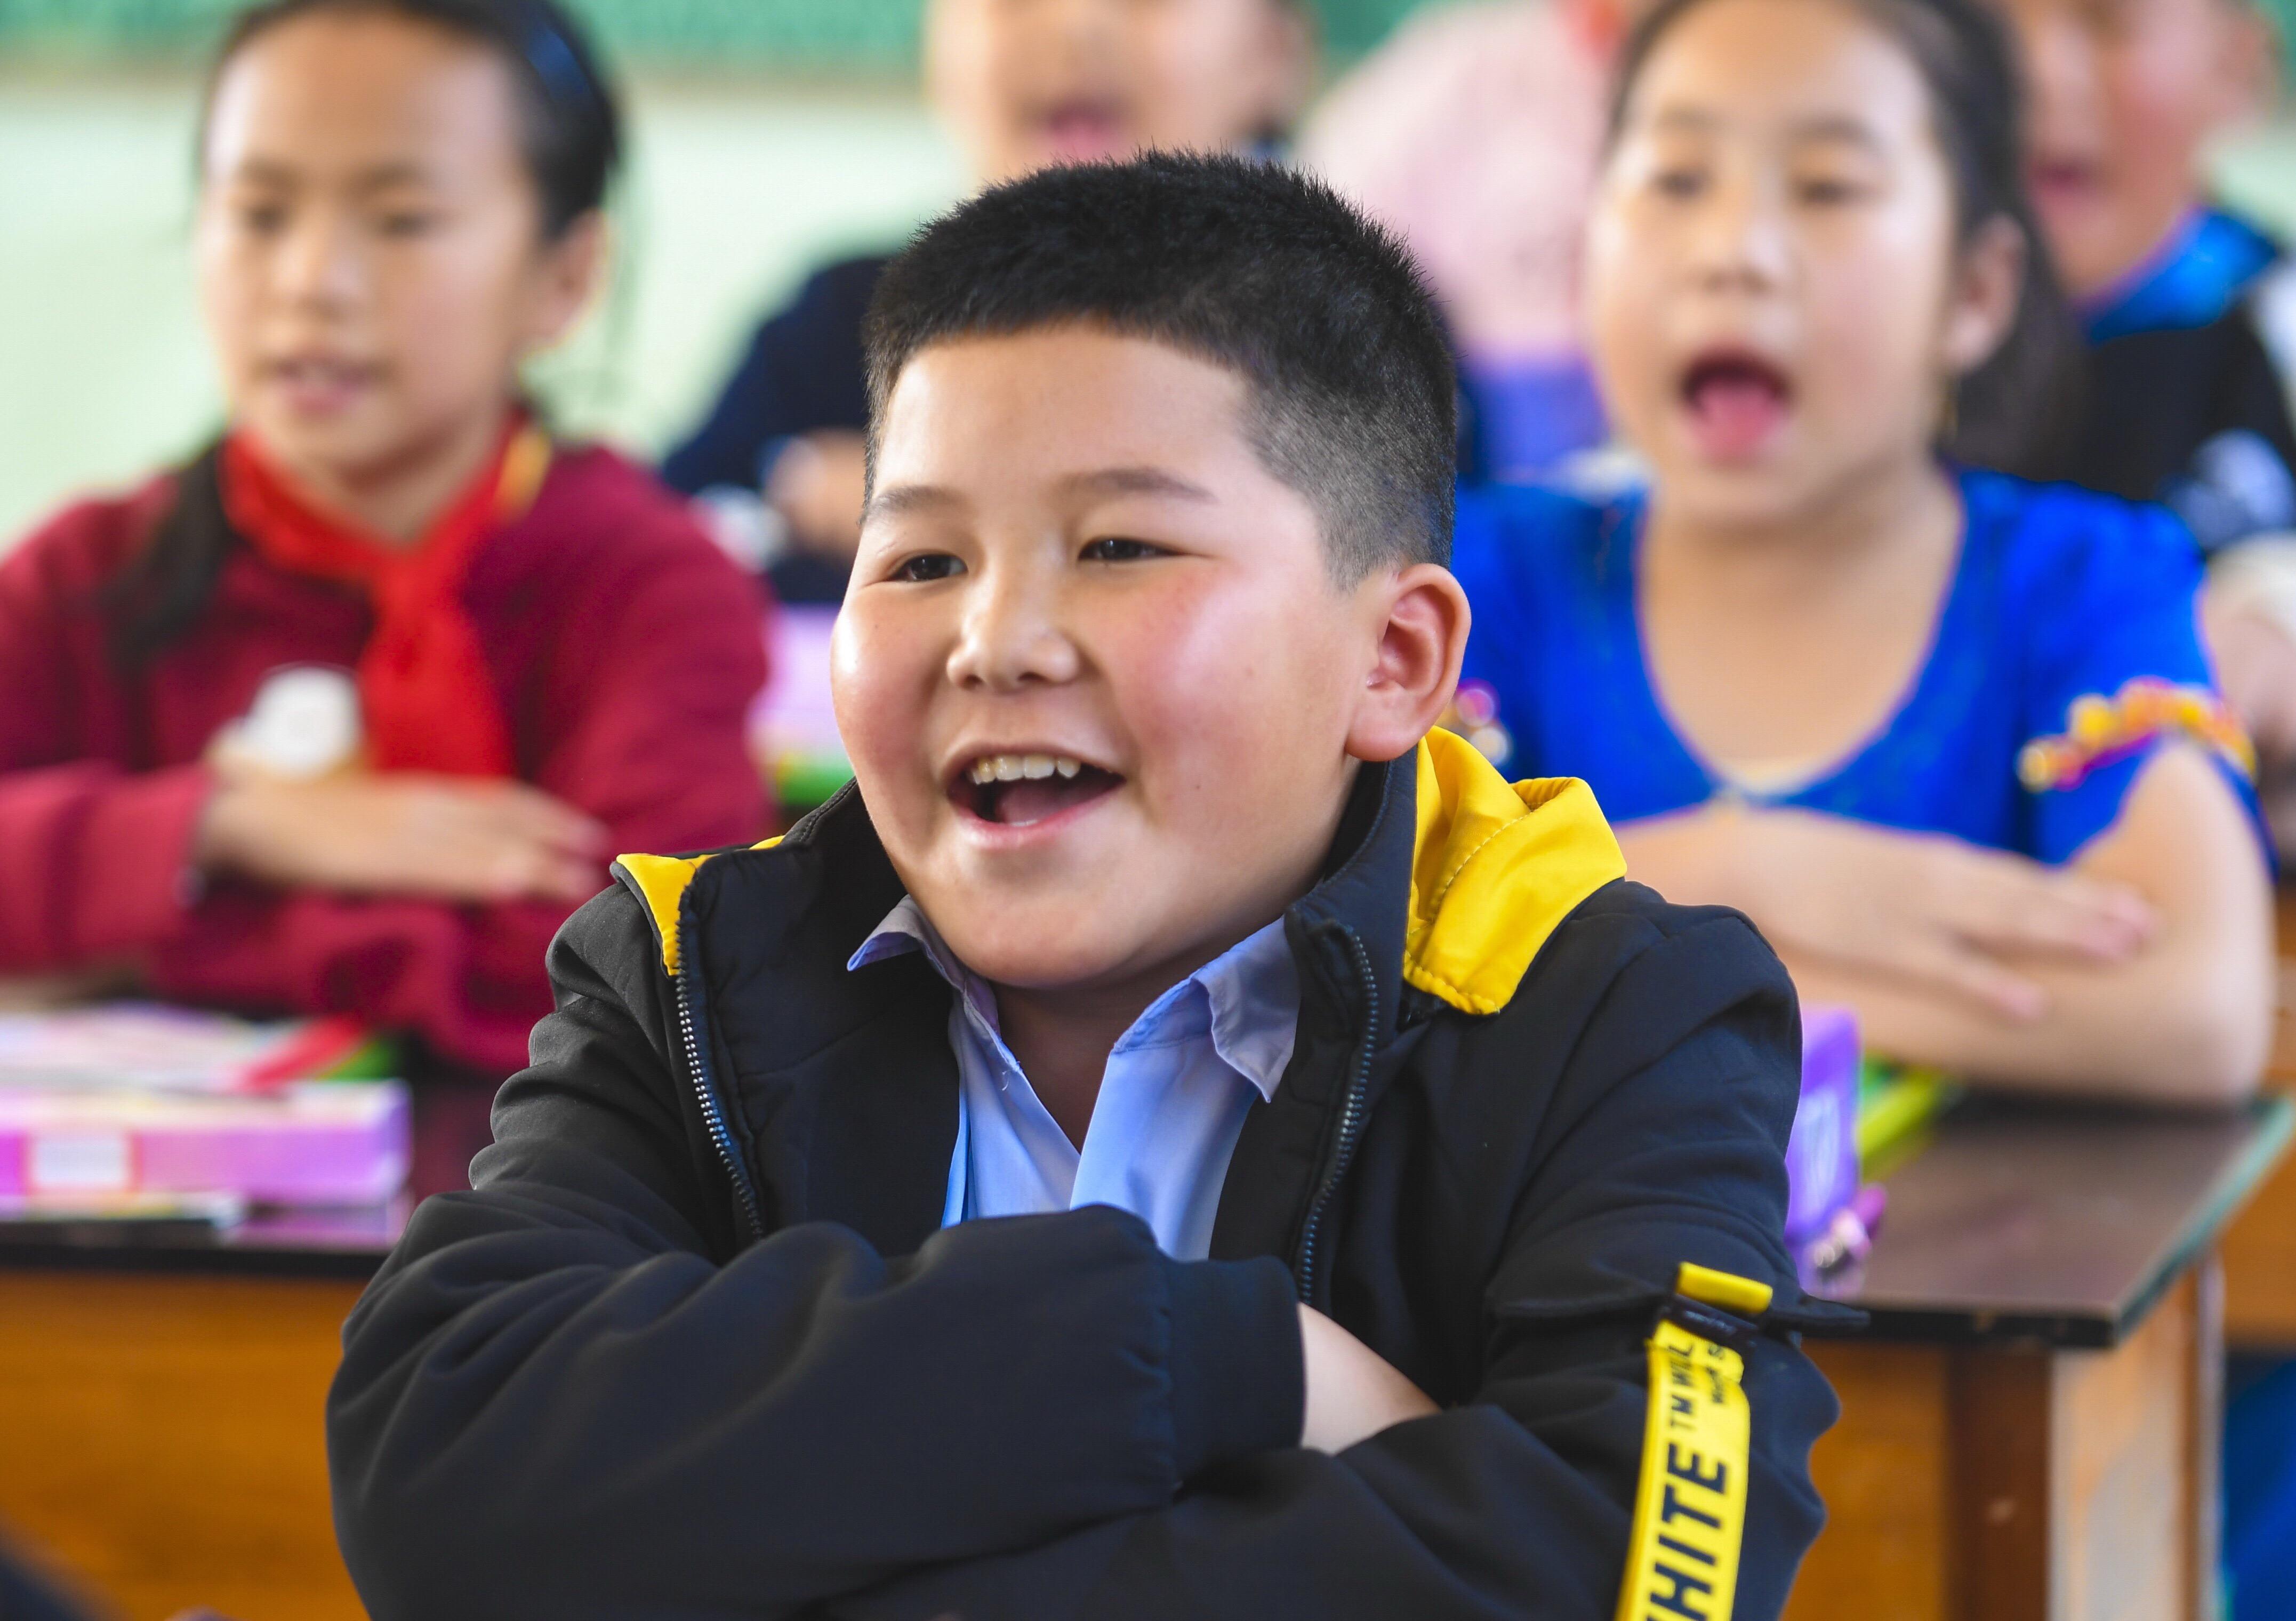 国境線上の村 2つの国の児童が通う小学校 雲南省瑞麗市